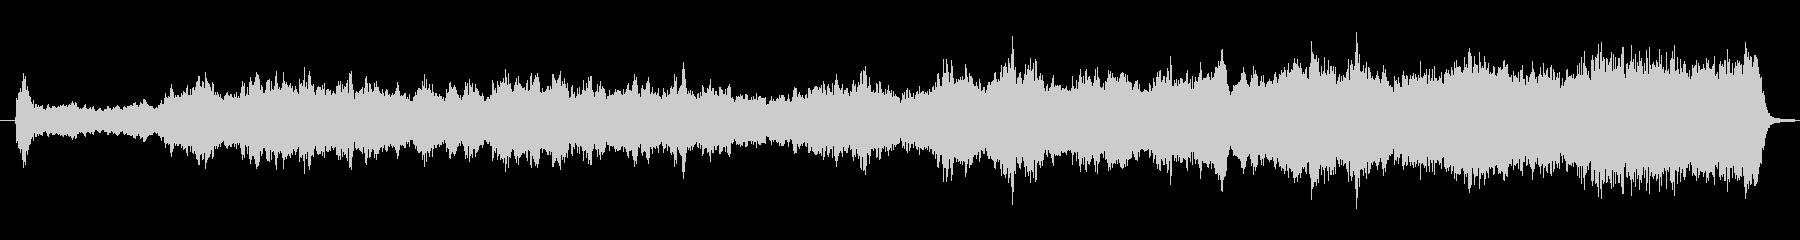 ストリングス中心の重厚なエンディング風の未再生の波形